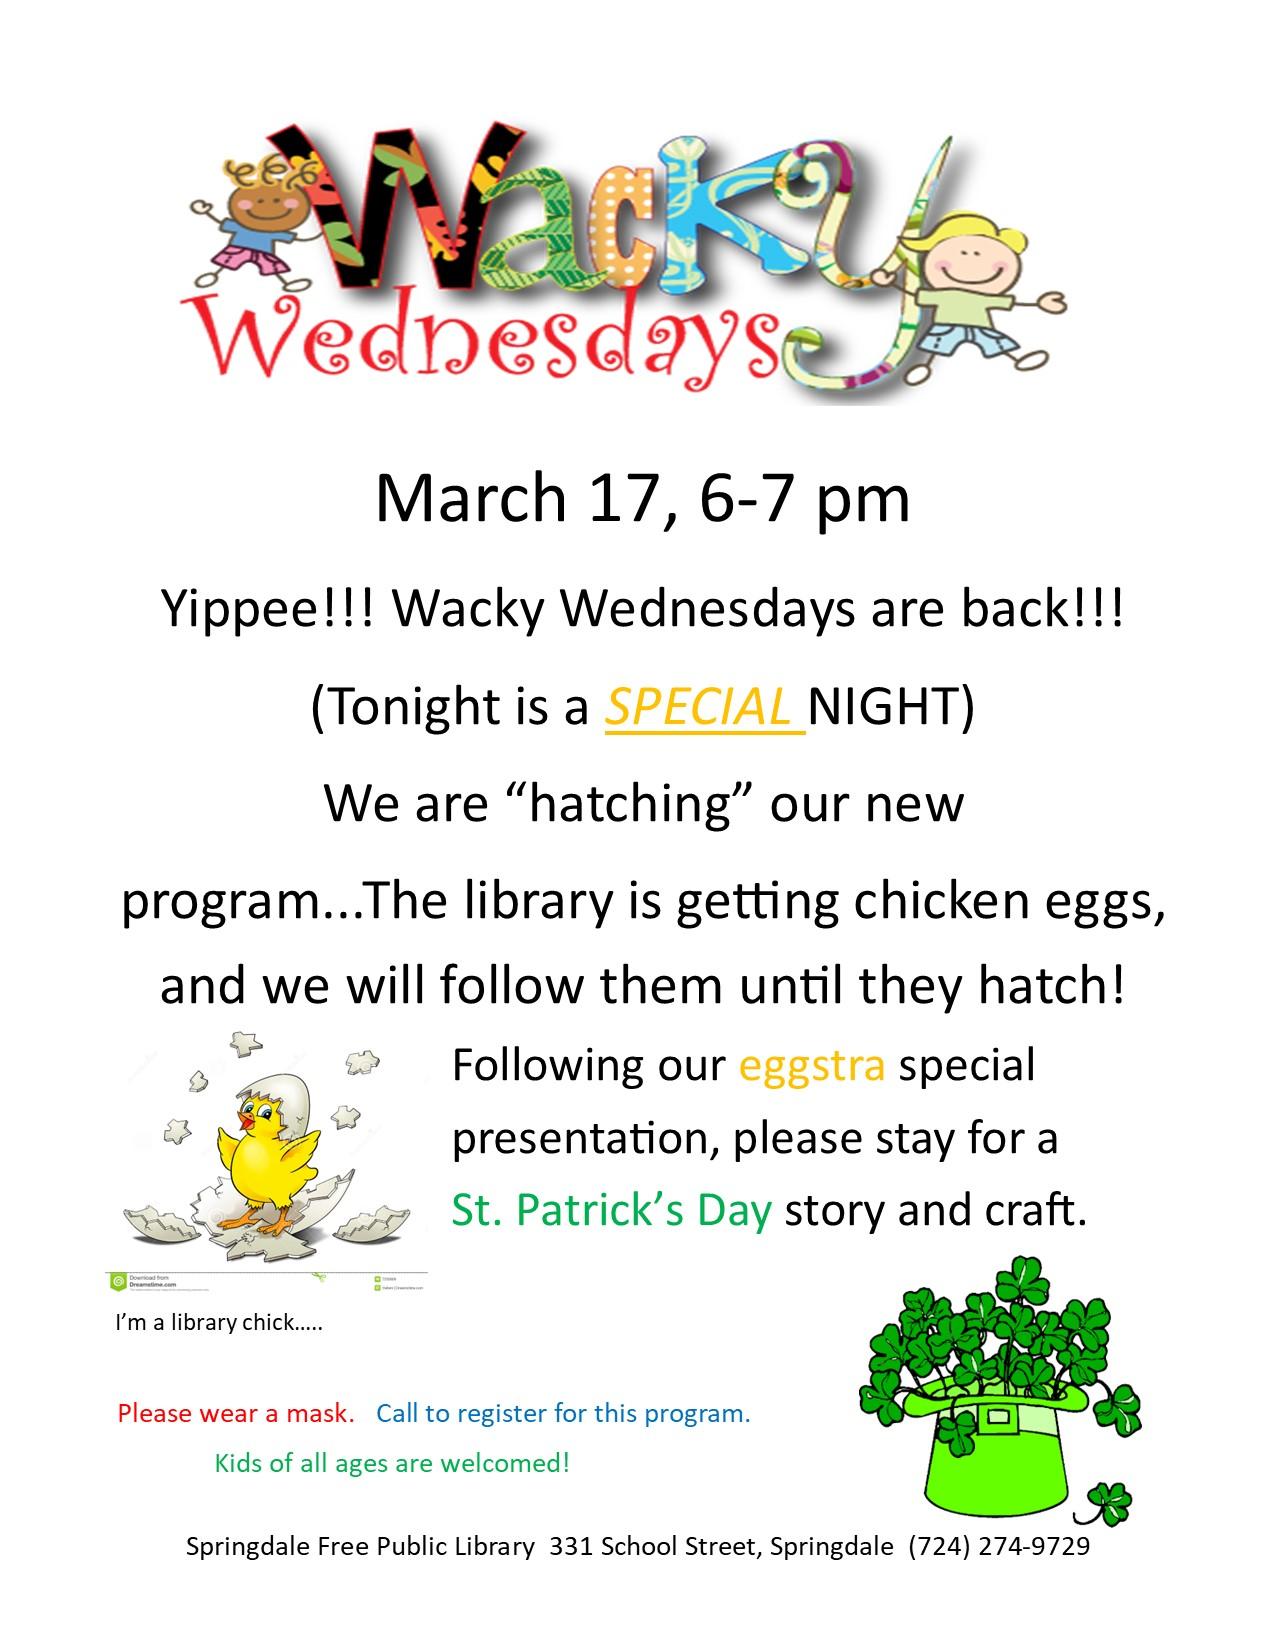 Wacky Wednesday March 17